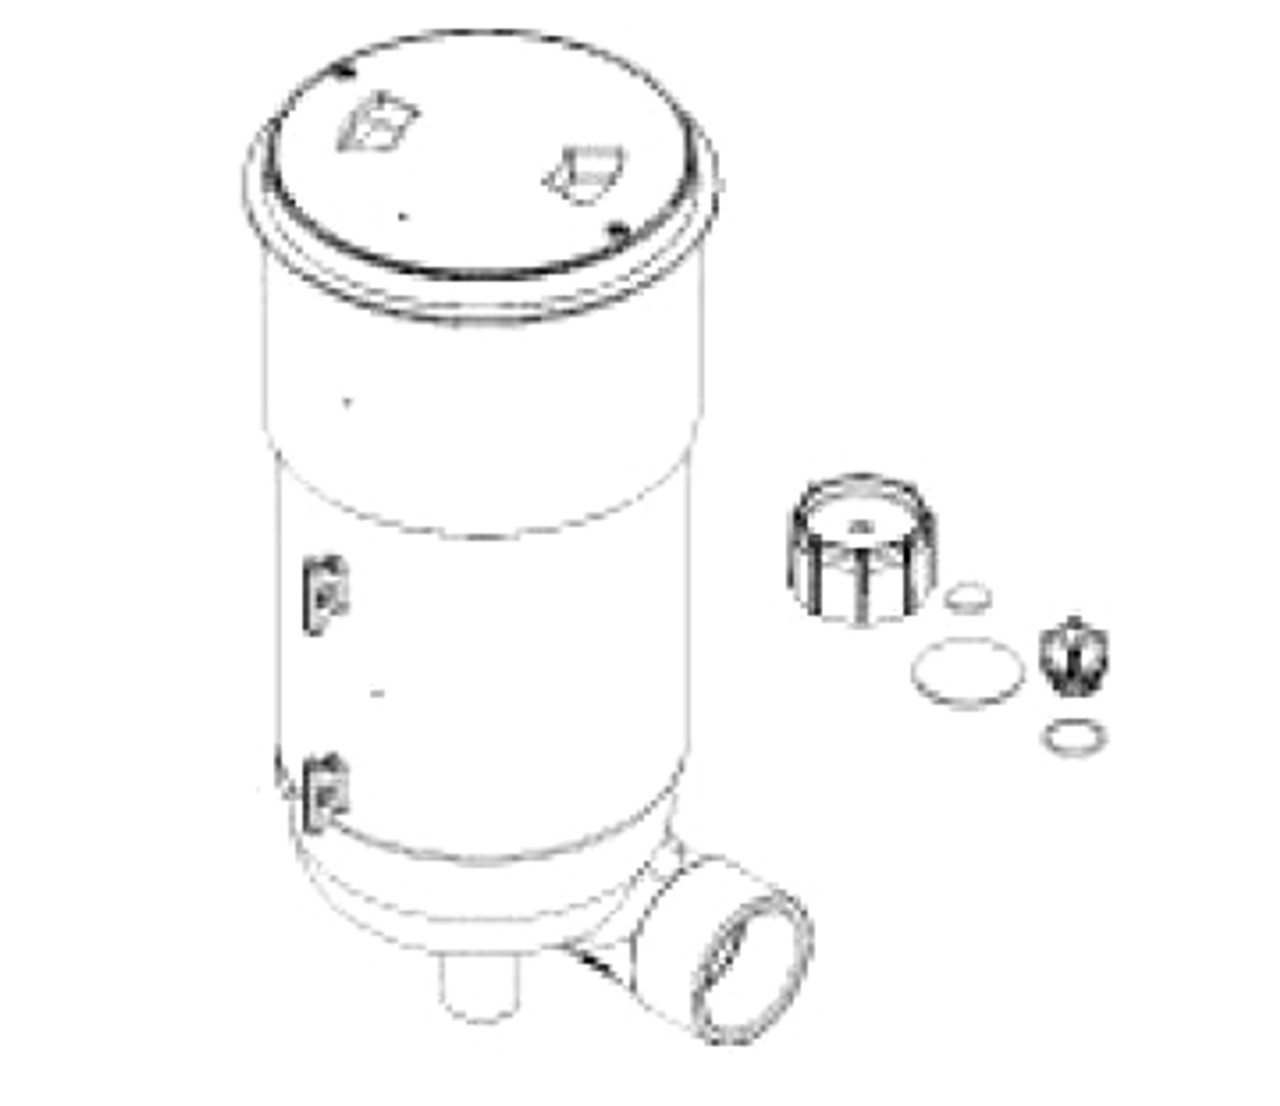 paralevel plumbing kit Bender GFCI paramount paralevel plumbing kit